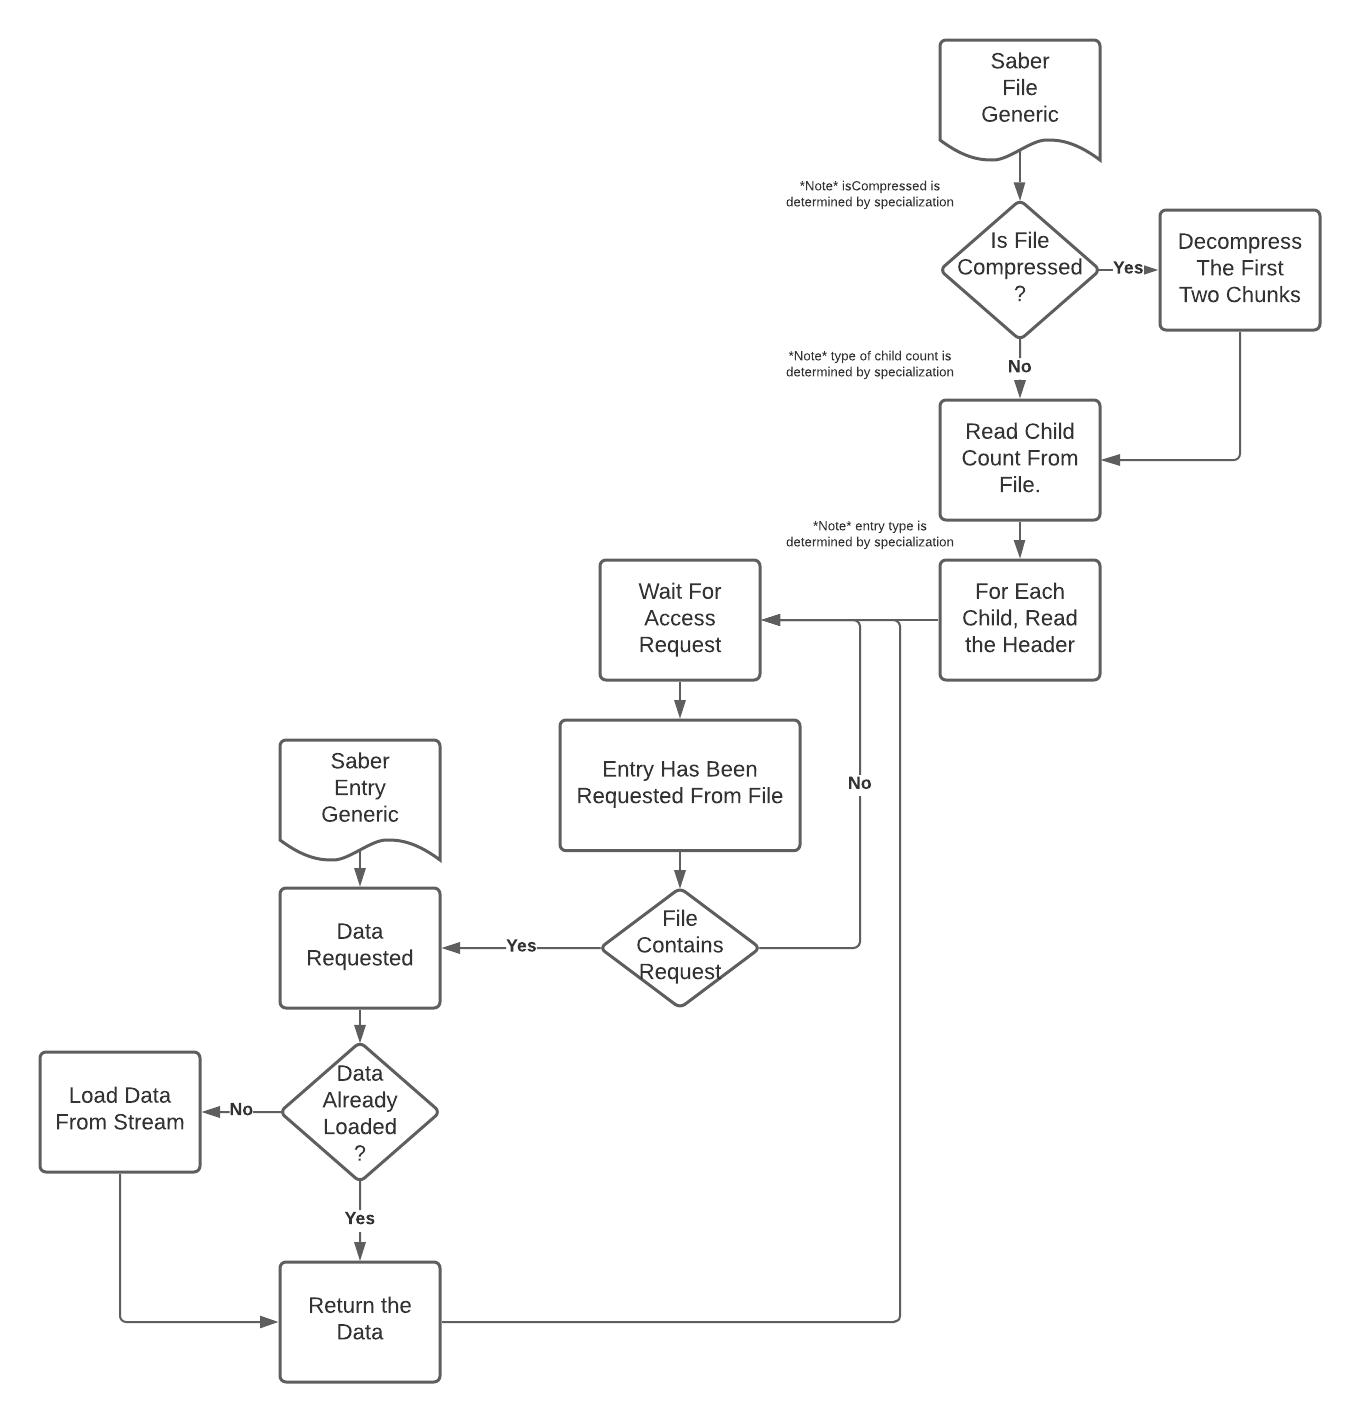 Blank_diagram.png